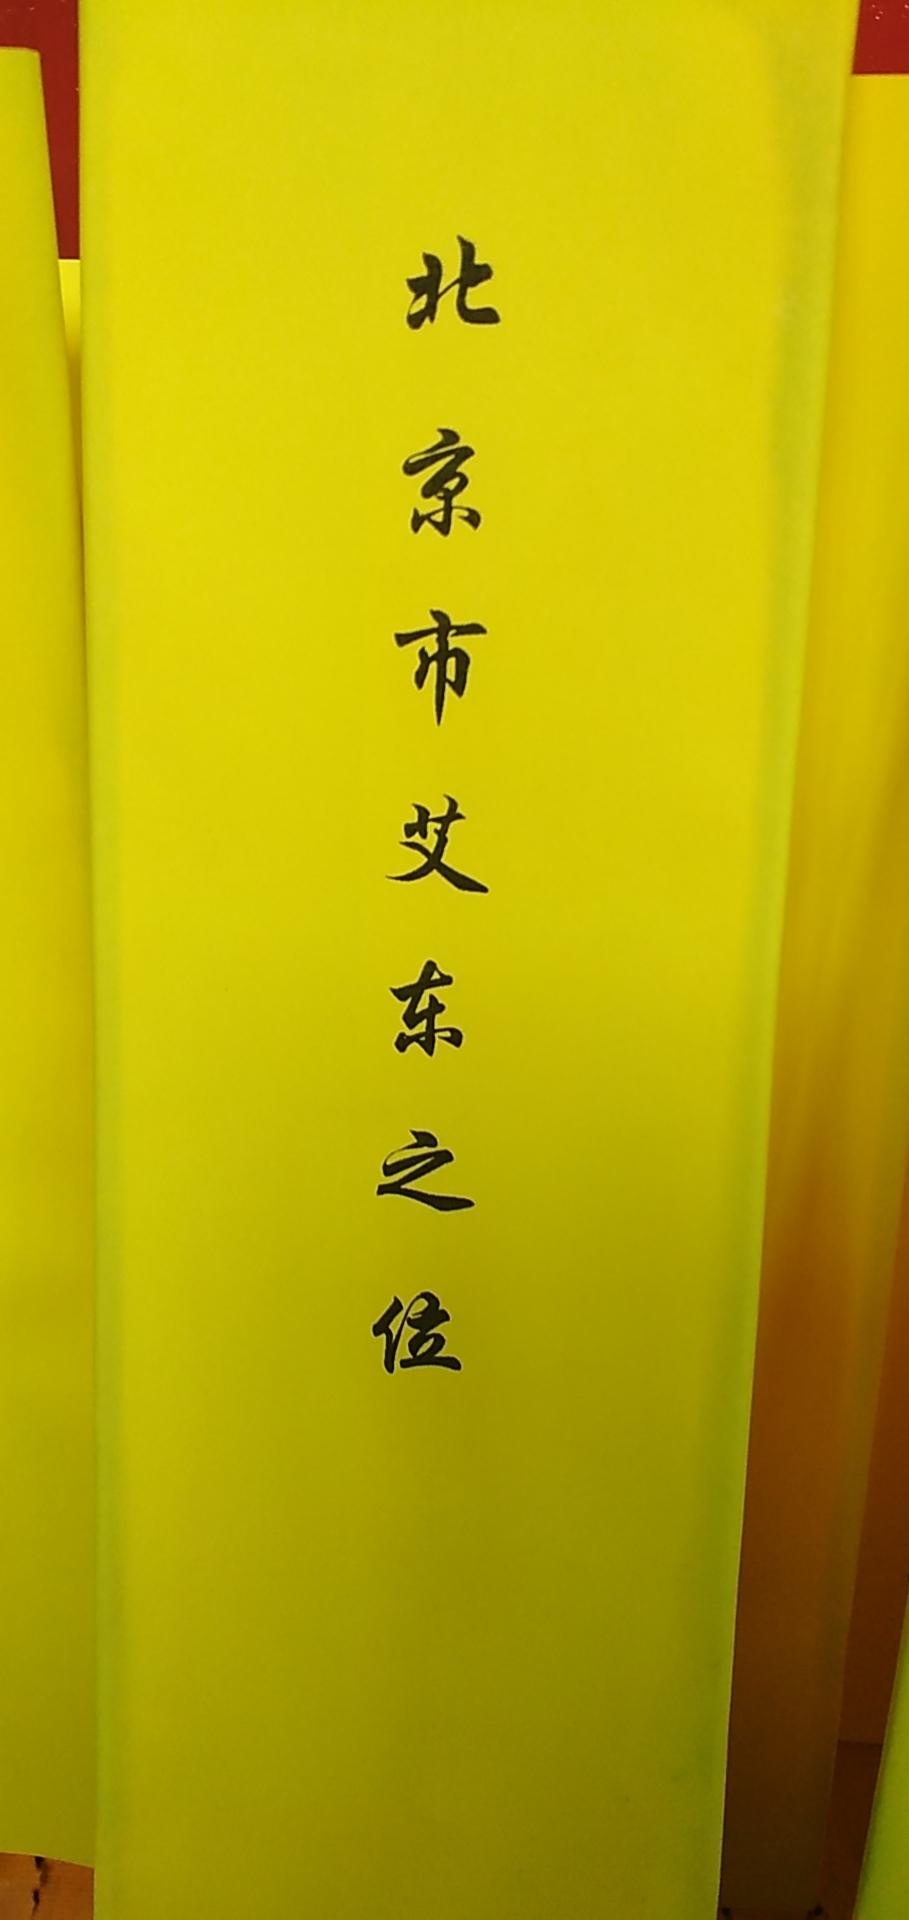 今日恭送艾东、秦红、龙灿德、何旭峰、杨荣、姚建华、宋青山、马永8